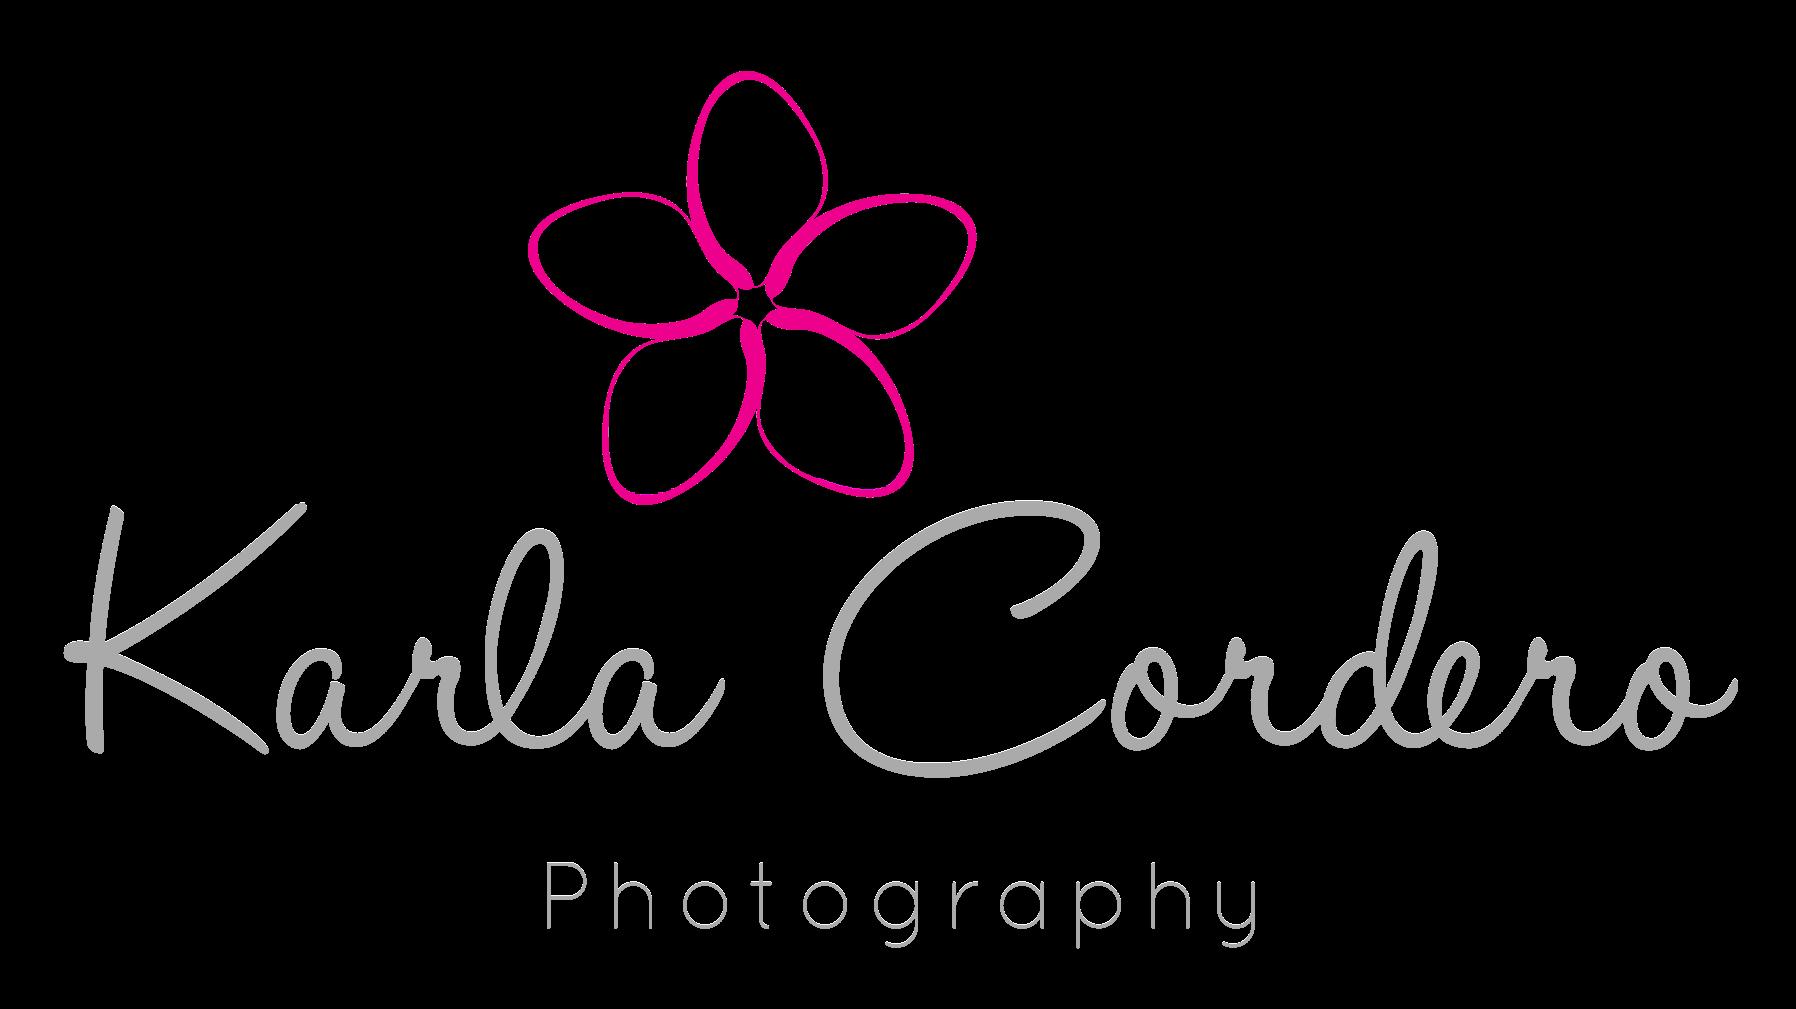 Karla Cordero Photography